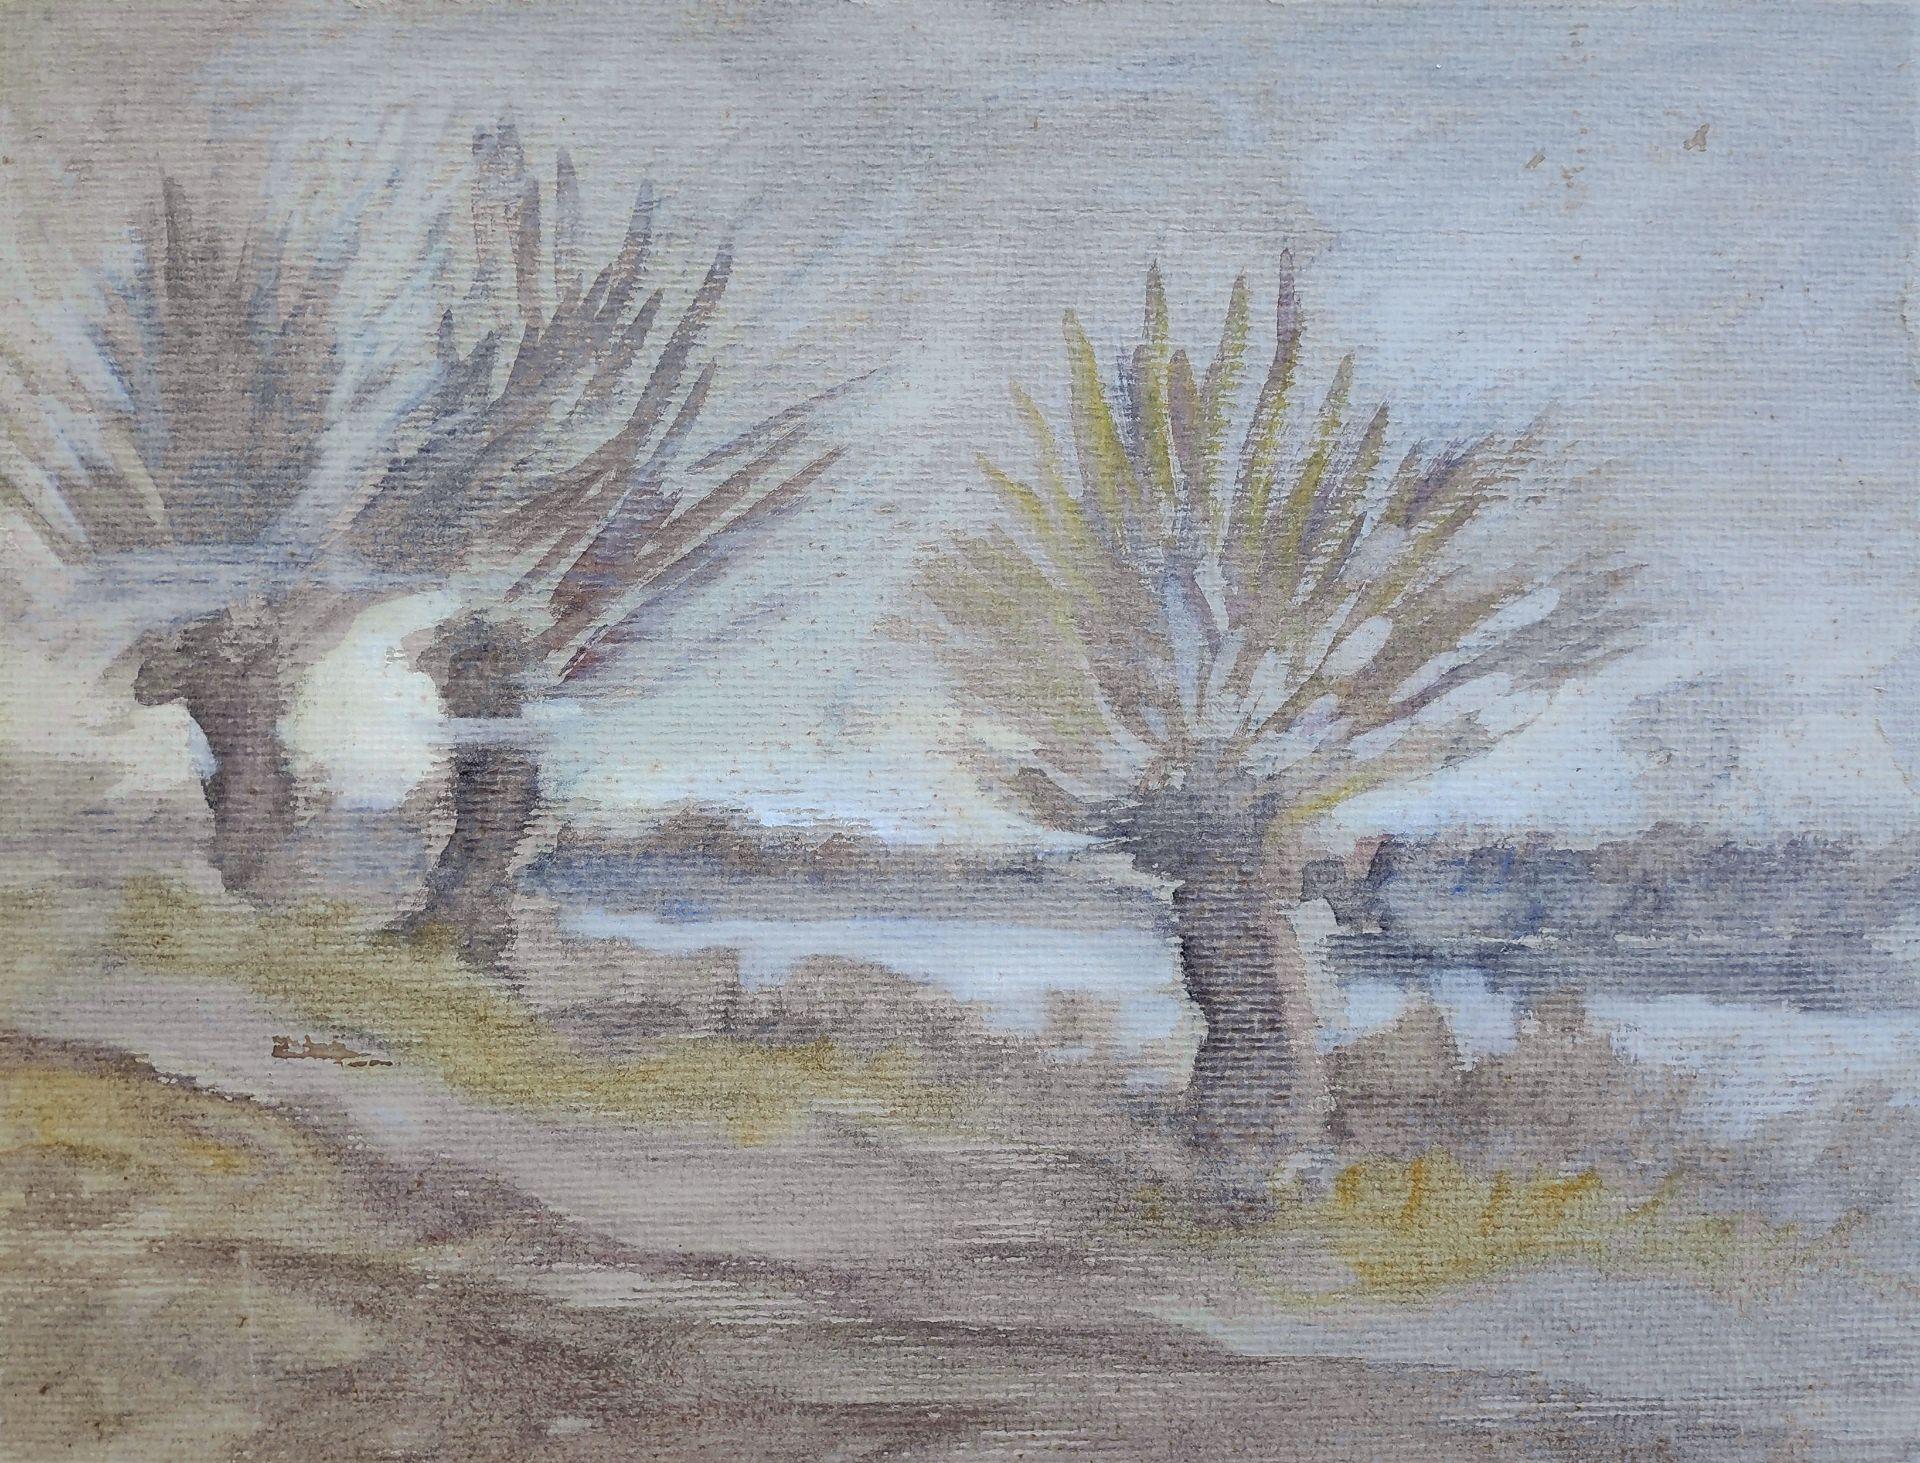 """Jaeckel, Erich (1901 Ahlbeck - 1947 Bansin) """"Zeesboote am Ostseestrand"""" - Bild 5 aus 5"""